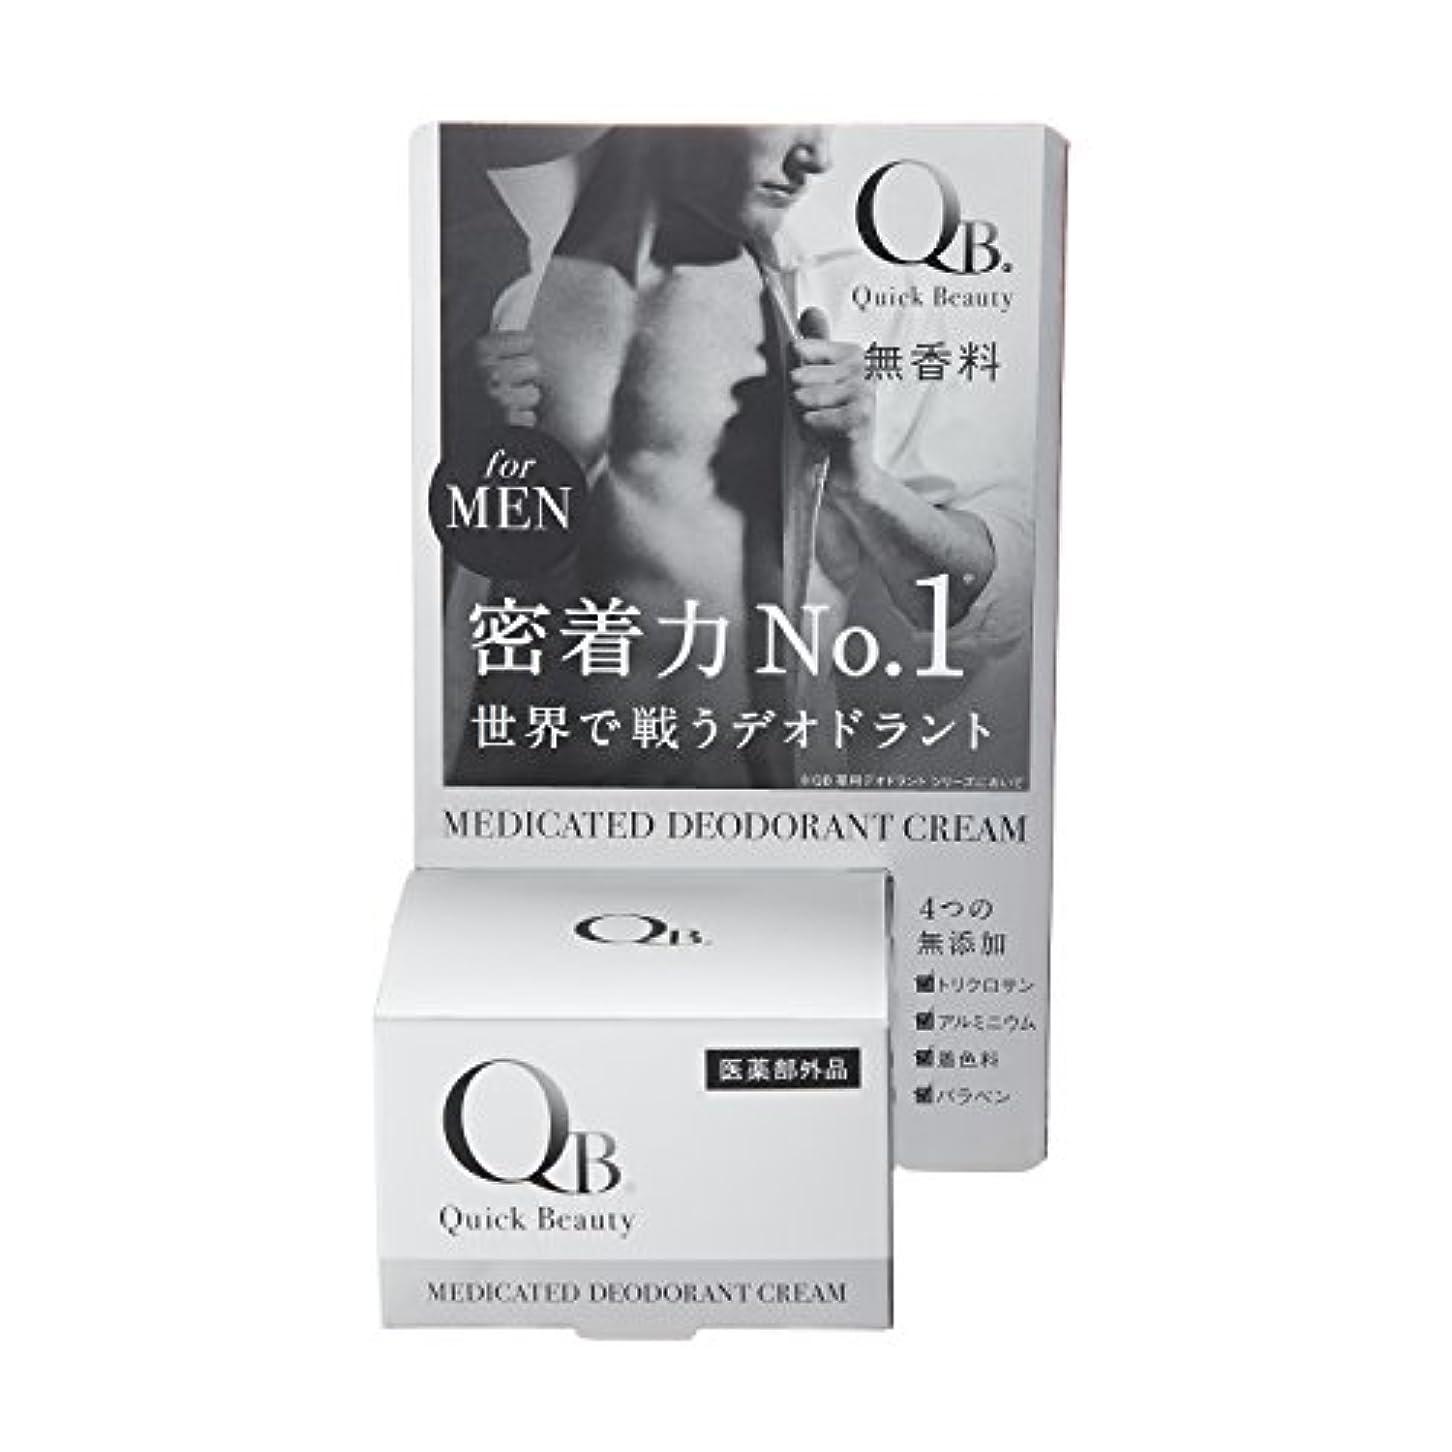 めんどり始める適合QB 薬用デオドラントクリーム メンズ 30g